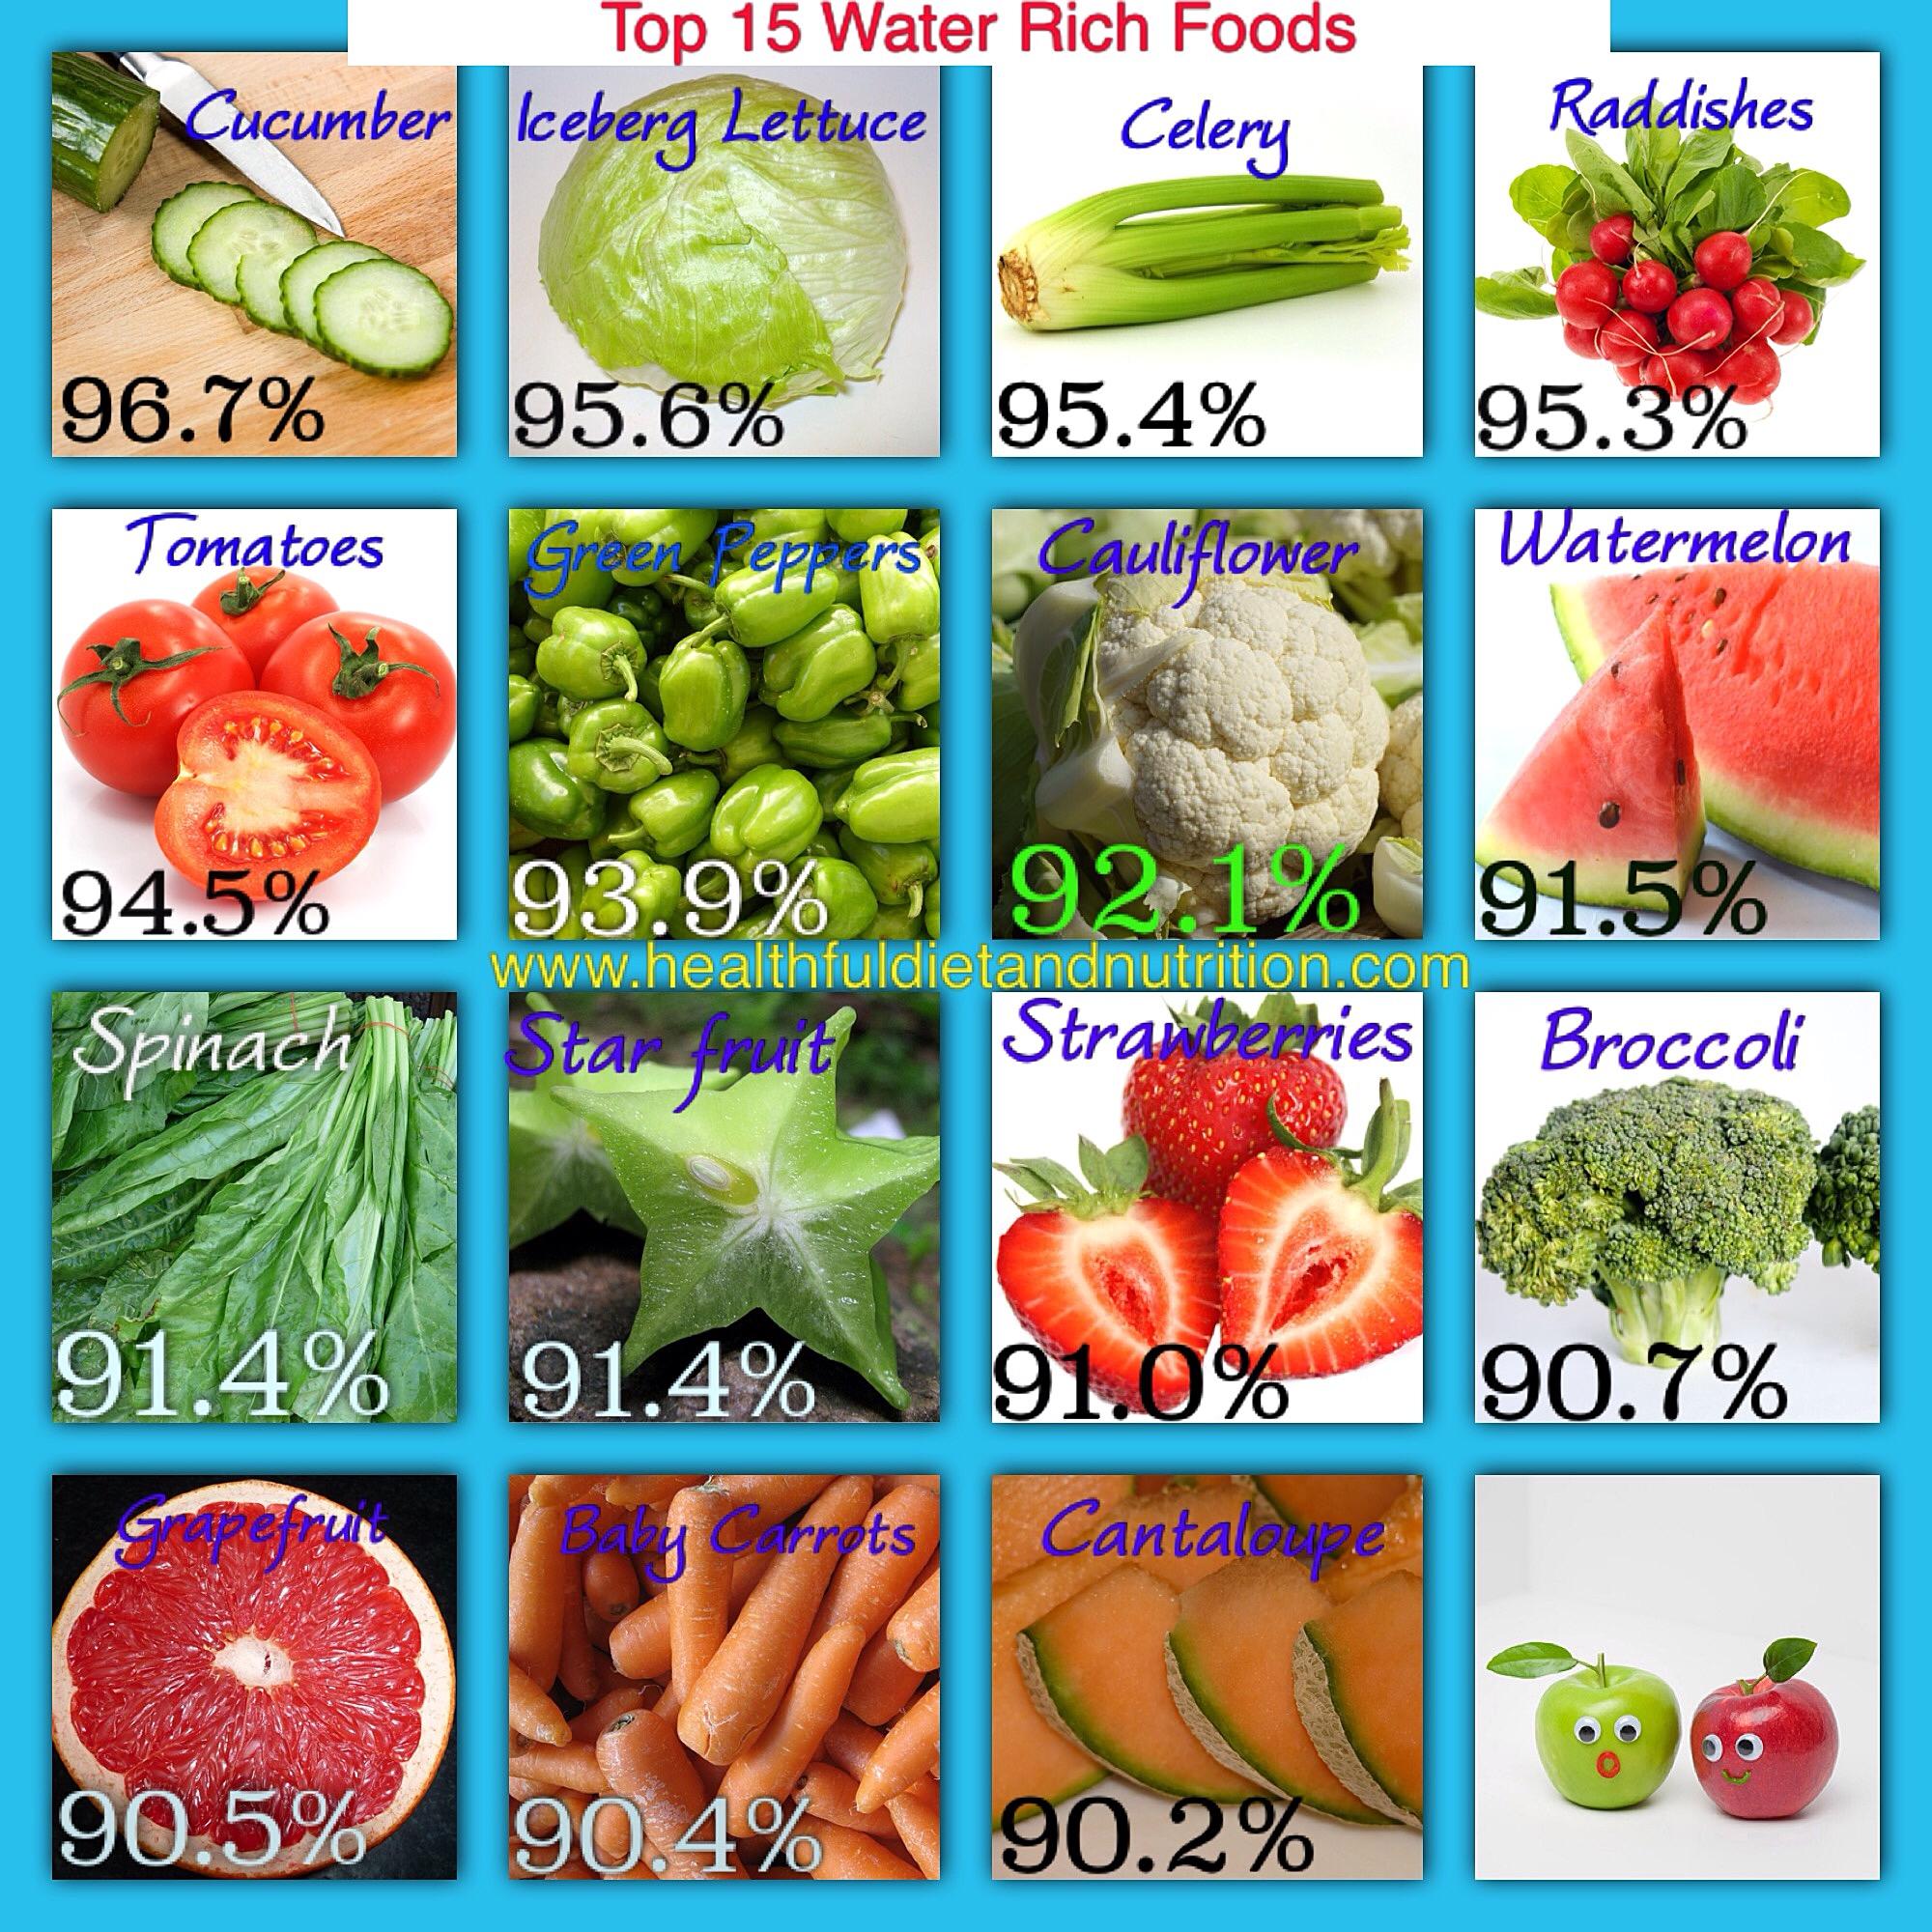 Top 15 Water Rich Foods